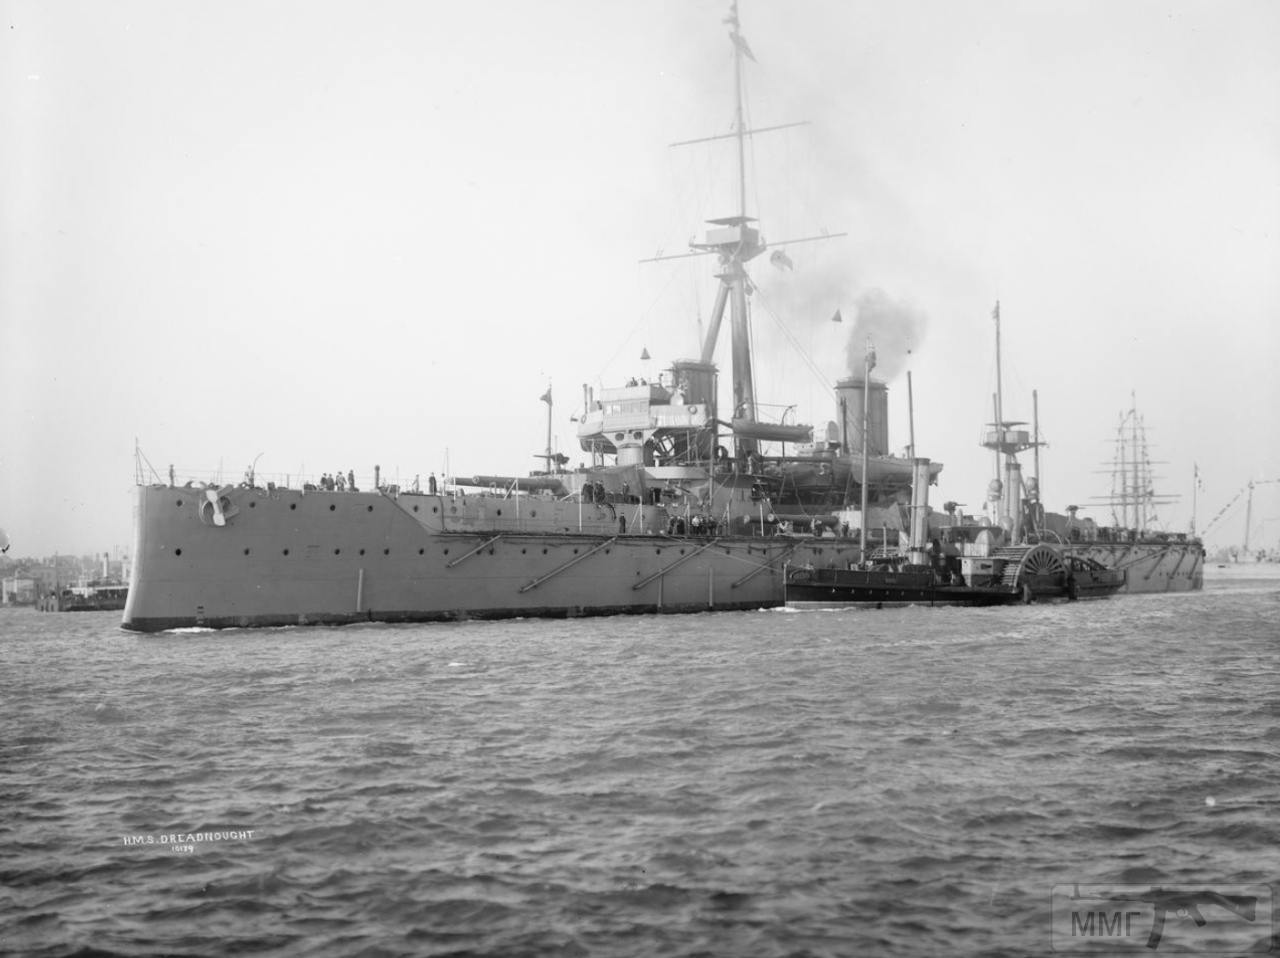 56902 - HMS Dreadnought